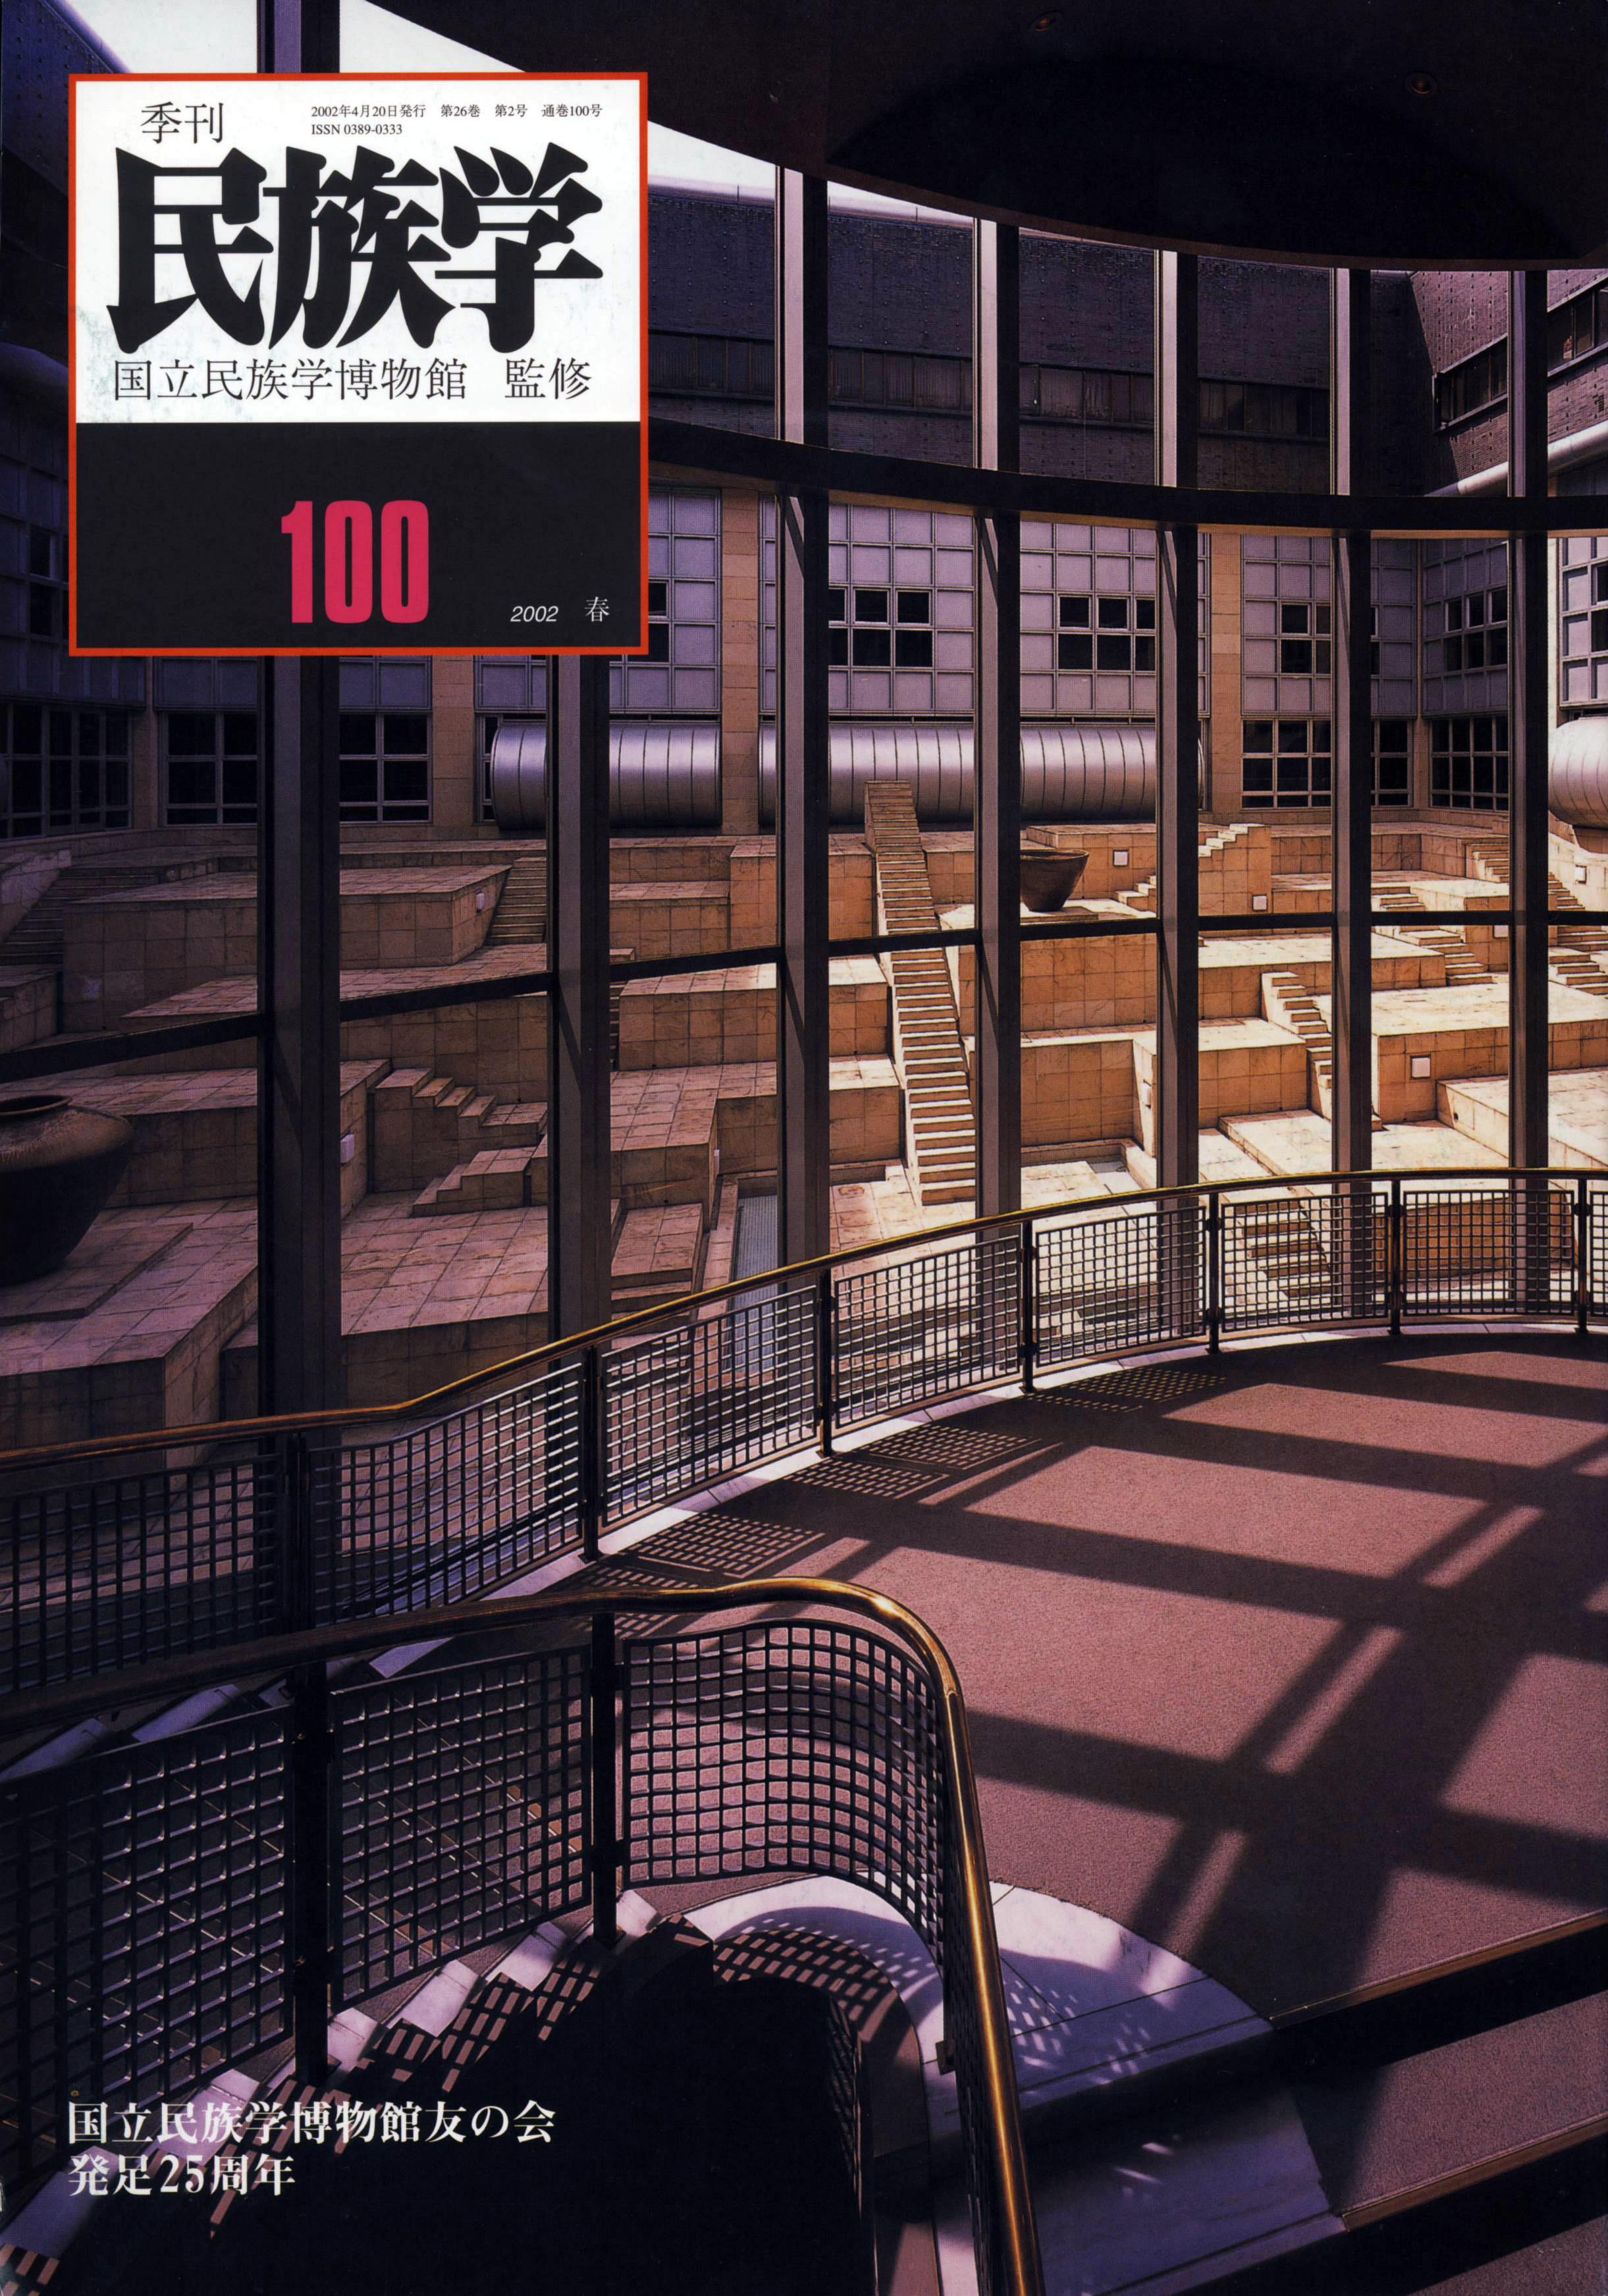 100号 2002年 春